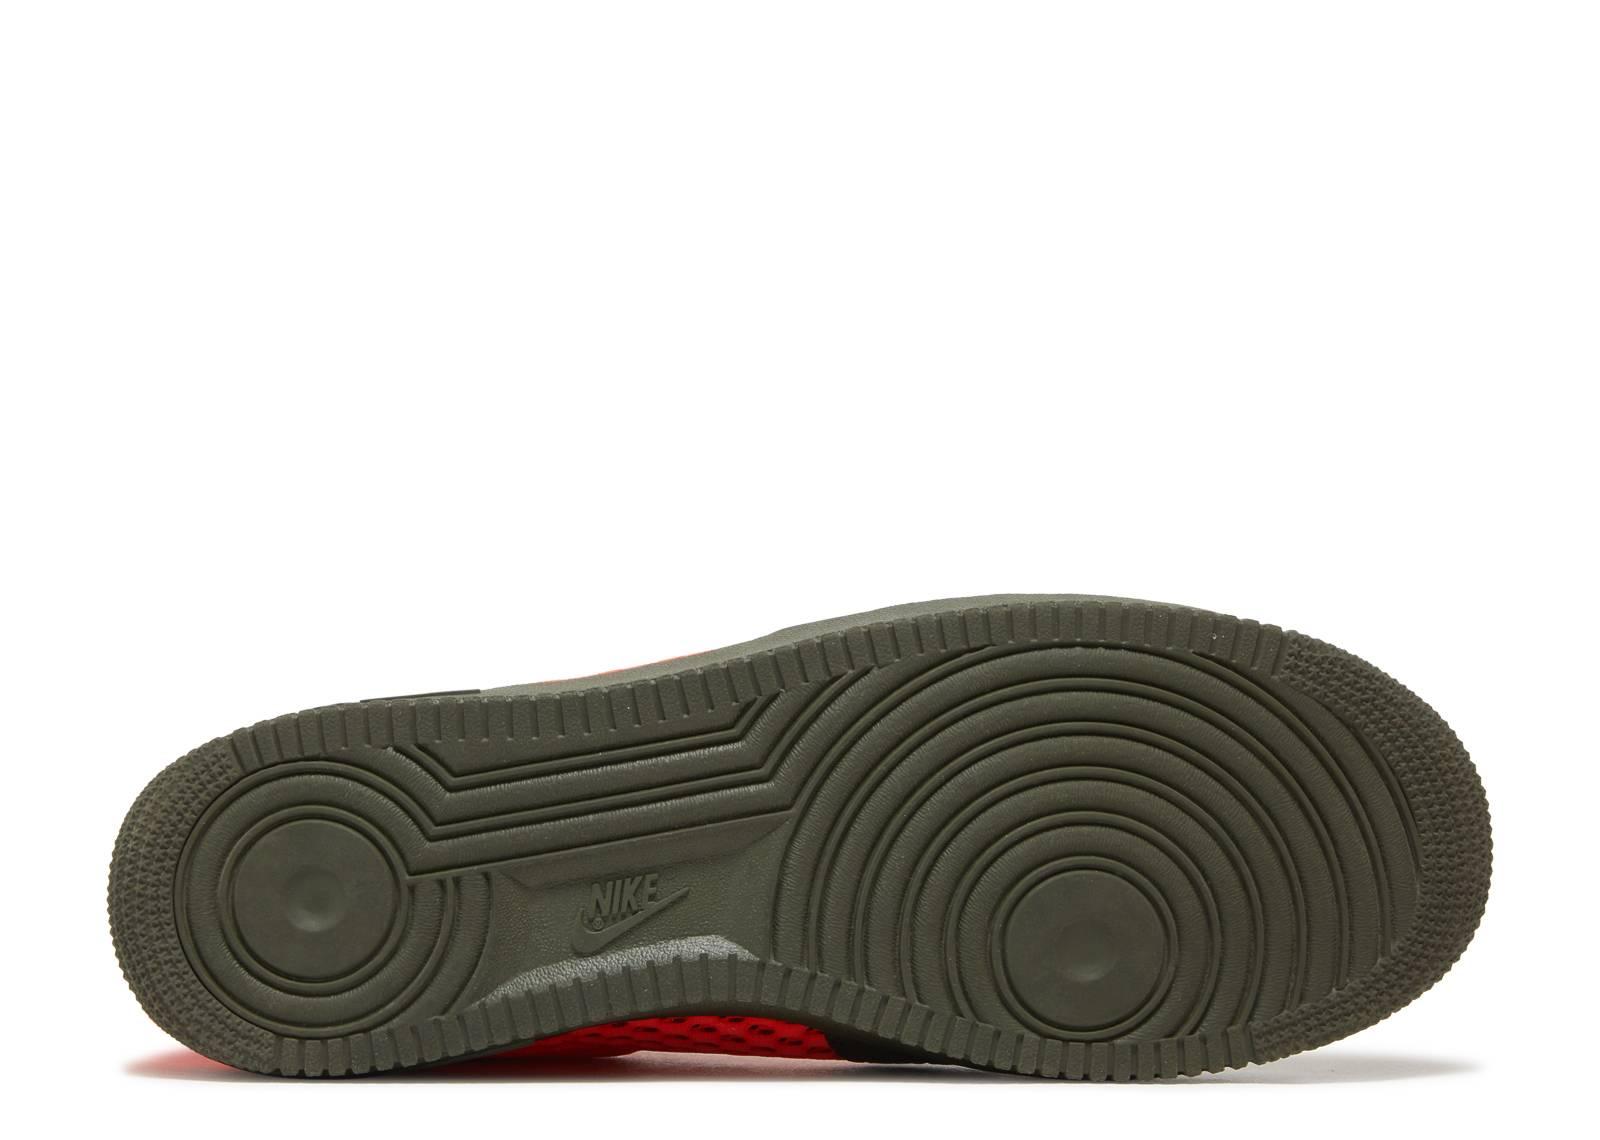 8da62d39a1bad9 Sf AF1 Mid QS - Nike - aa7345 300 - cargo khaki total crimson ...